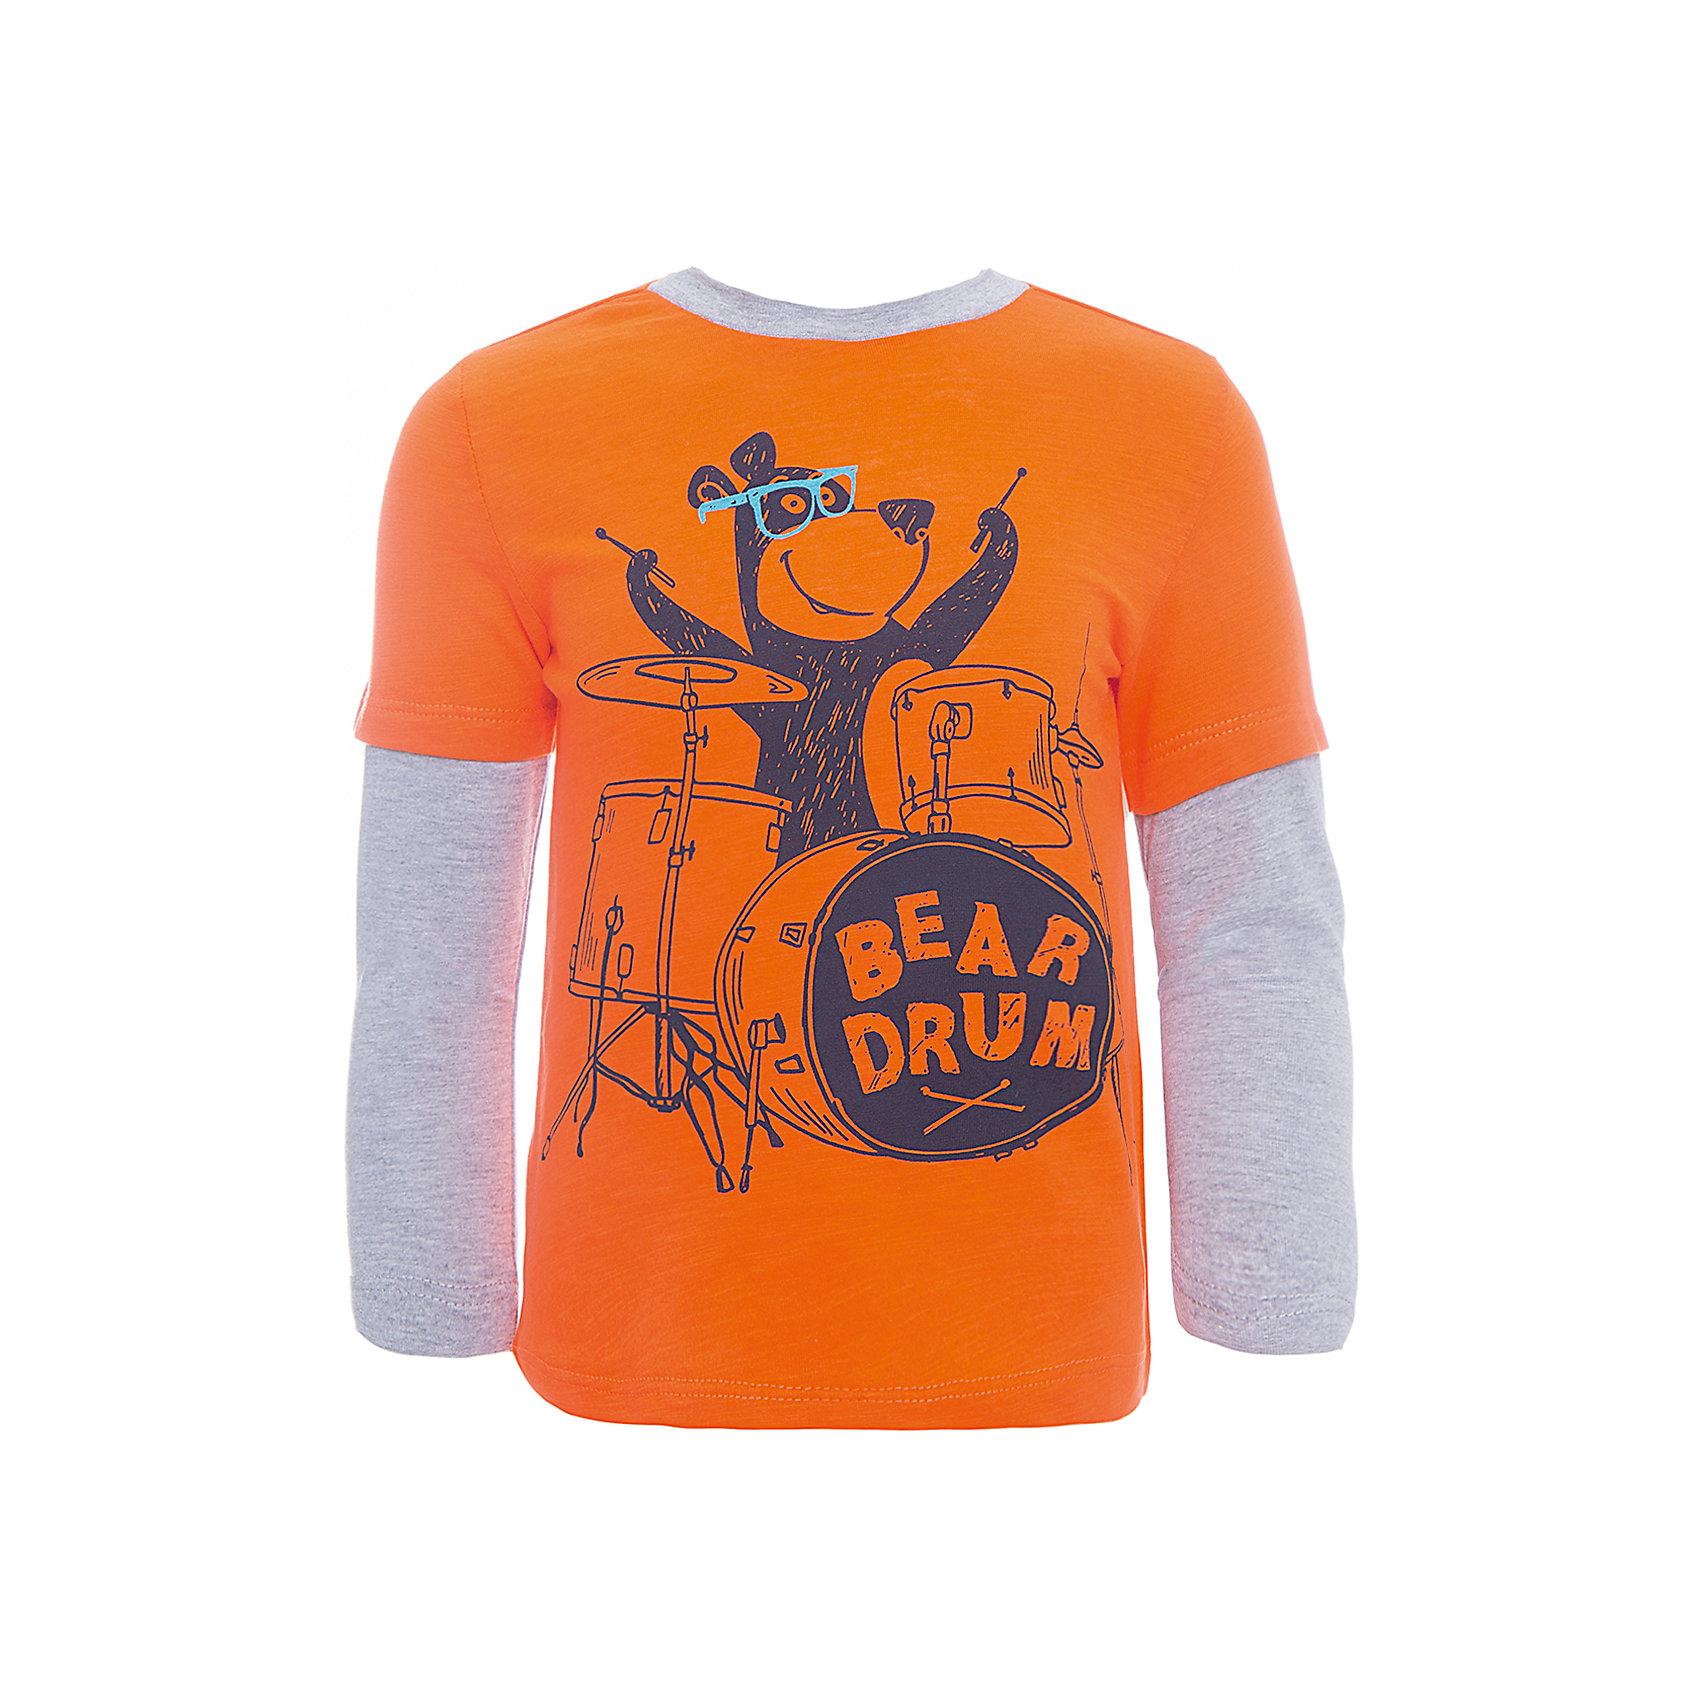 Футболка с длинным рукавом SELA для мальчикаФутболки с длинным рукавом<br>Характеристики товара:<br><br>• цвет: оранжевый/серый;<br>• состав: 100% хлопок;<br>• сезон: демисезон;<br>• особенности: повседневный, с рисунком;<br>• длинный рукав;<br>• страна бренда: Россия;<br>• страна изготовитель: Китай.<br><br>Лонгслив с рисунком для мальчика. Прямой силуэт, круглый ворот. Оранжевый лонсглив изготовлен из 100% хлопка. Контрастная расцветка с ярким принтом.<br><br>Футболку с длинным рукавом Sela (Села) для мальчика можно купить в нашем интернет-магазине.<br><br>Ширина мм: 190<br>Глубина мм: 74<br>Высота мм: 229<br>Вес г: 236<br>Цвет: красный<br>Возраст от месяцев: 60<br>Возраст до месяцев: 72<br>Пол: Мужской<br>Возраст: Детский<br>Размер: 116,92,98,104,110<br>SKU: 7009708